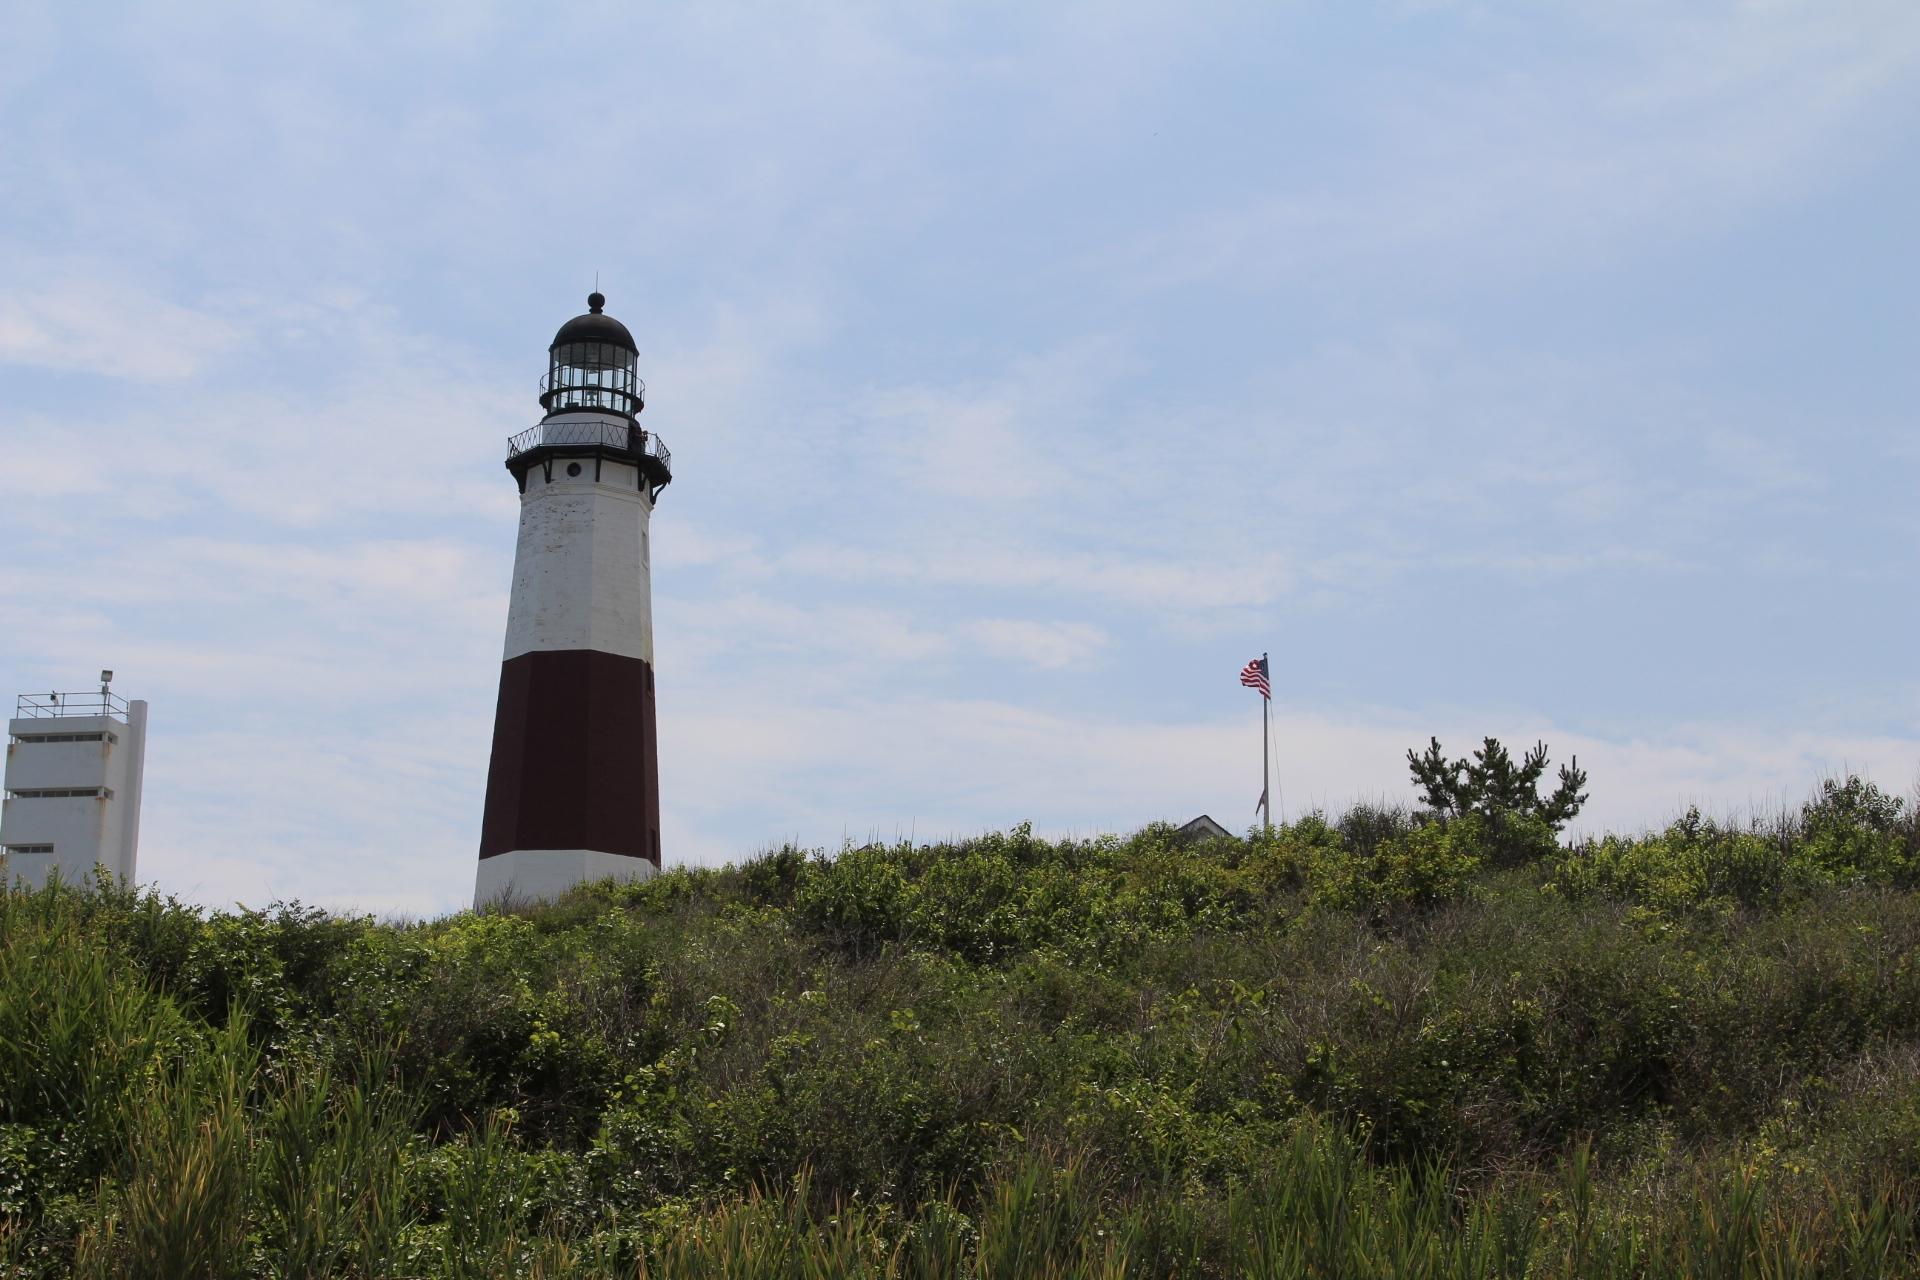 Momtauk Lighthouse on hill_5